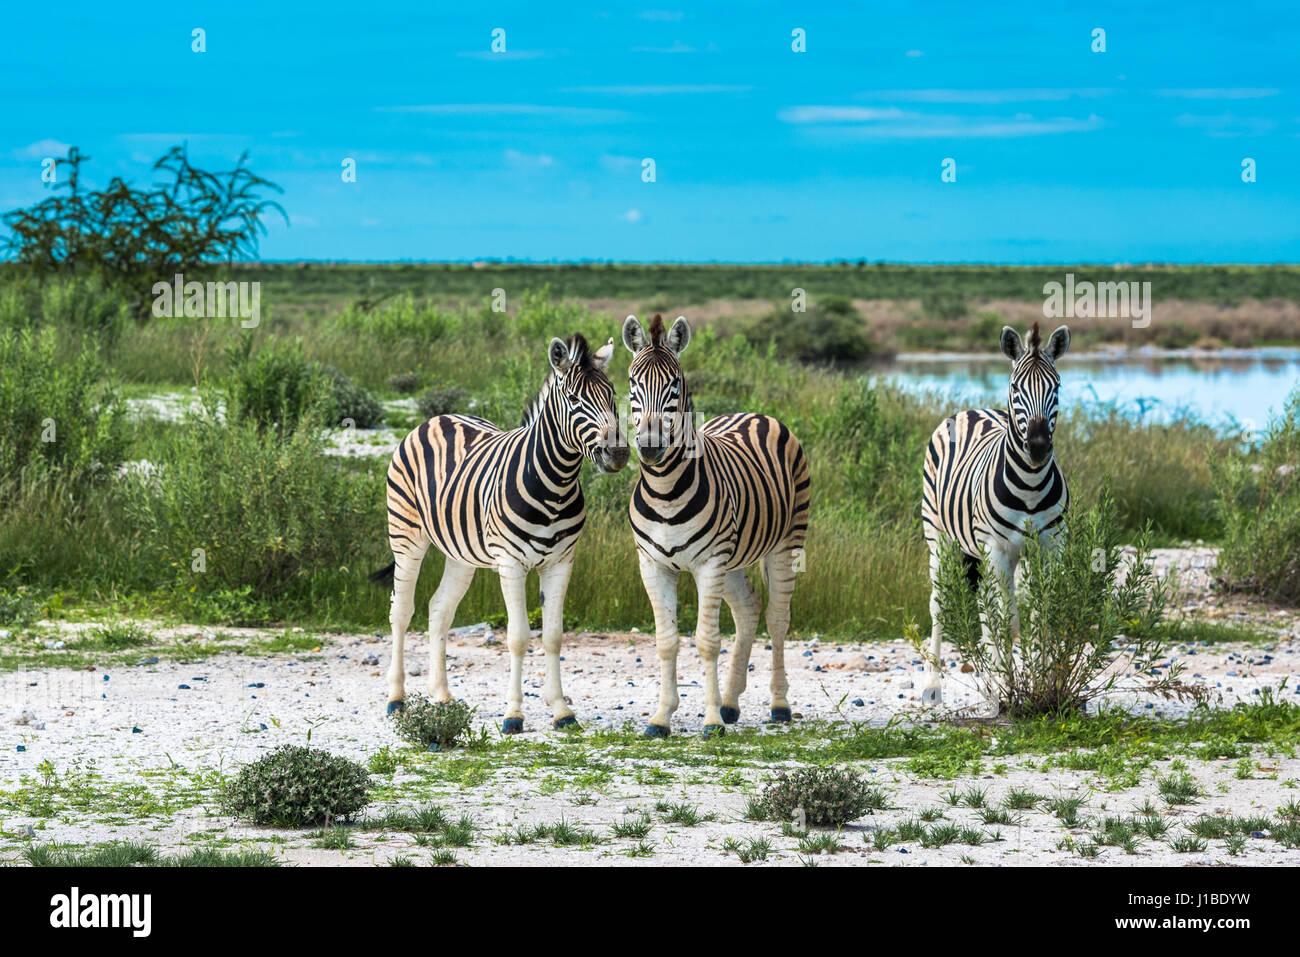 Zebras in Etosha national park, Namibia - Stock Image